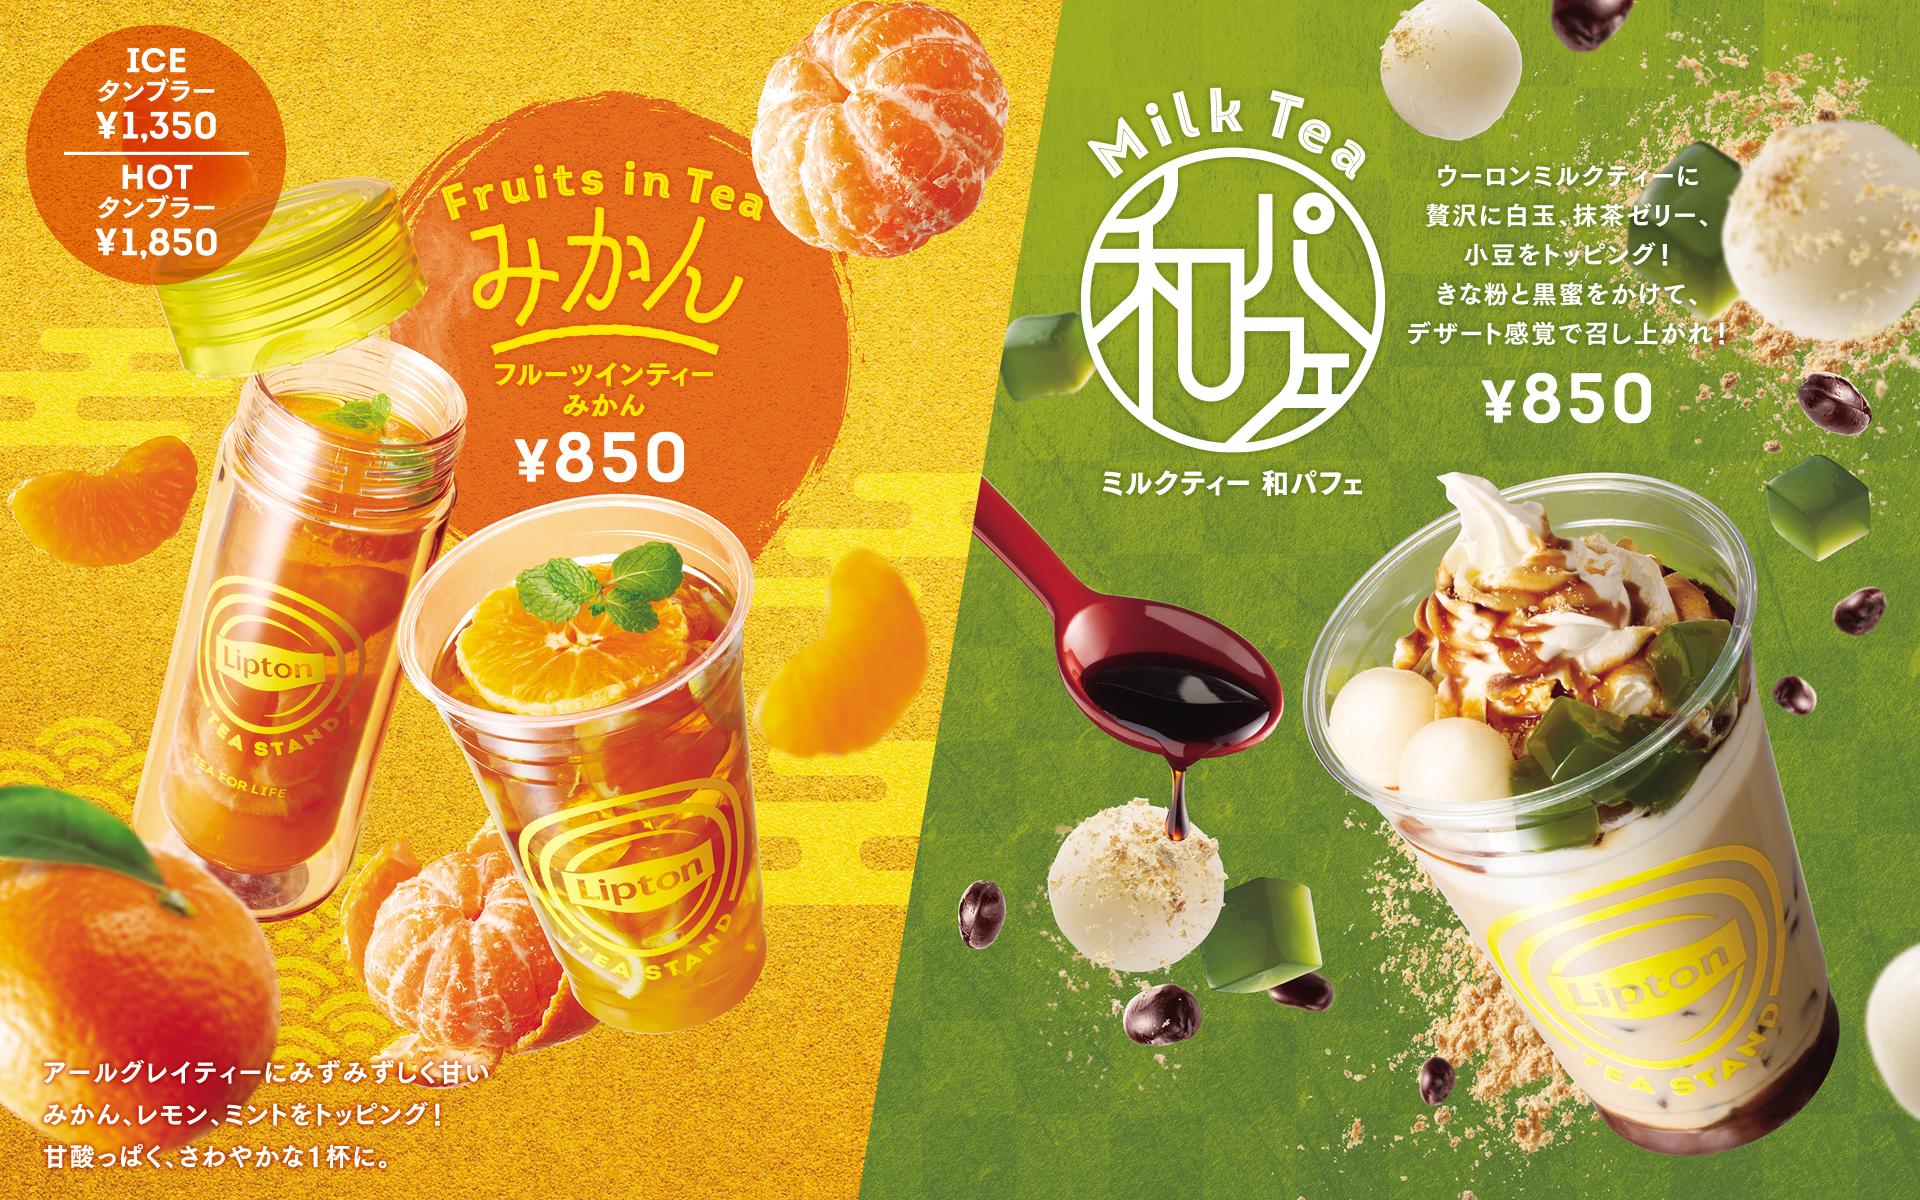 期間限定!Lipton TEA STANDから「みかん」と「和パフェ」のドリンクが登場 - menu seasonal pic 2001 pc